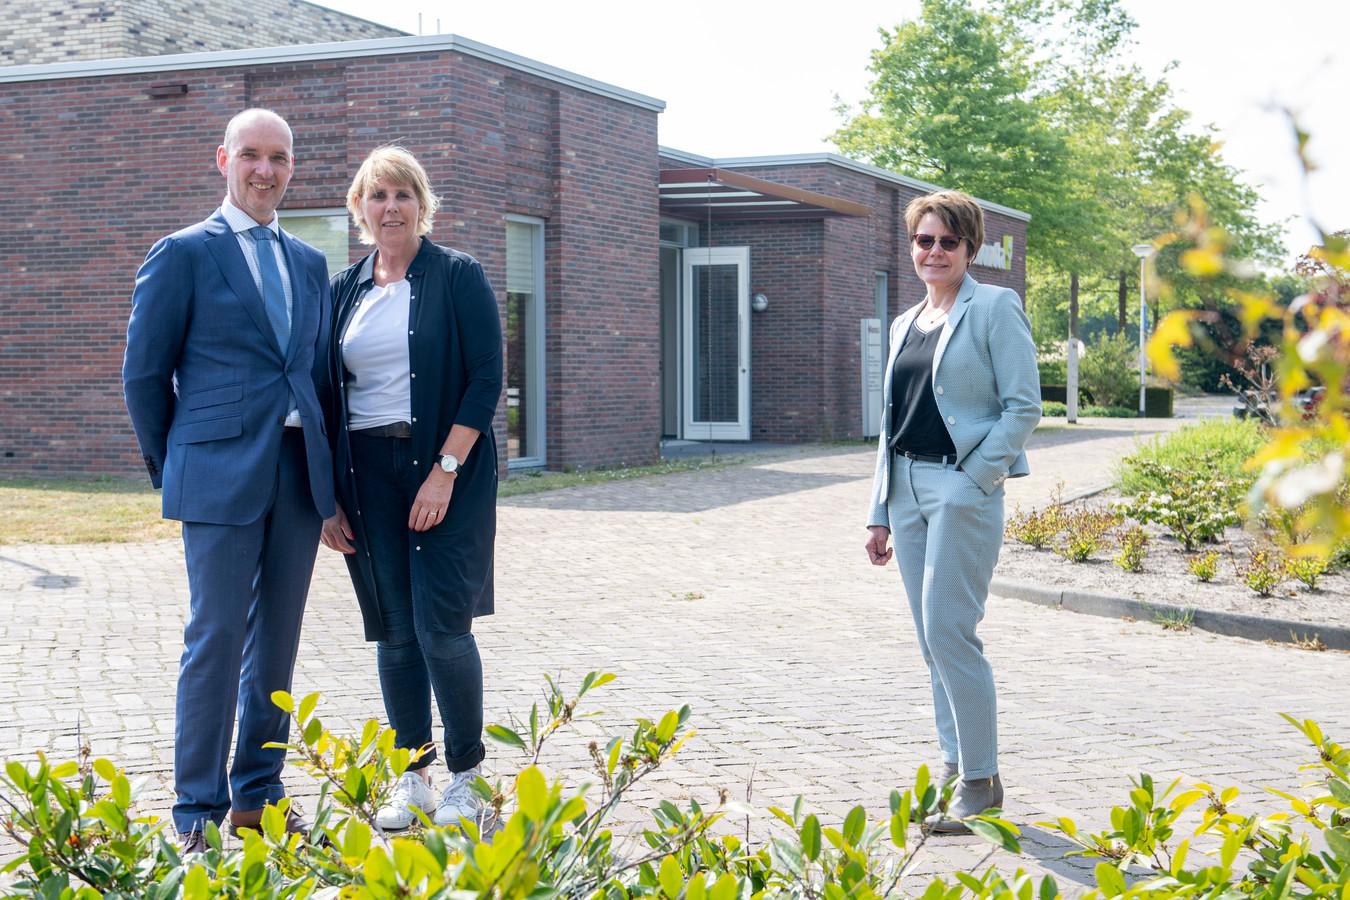 Onno en Vera van Andel (links in beeld) hebben het uitvaartcentrum in Holten overgenomen. Waarschijnlijk beginnen ze eind mei al met uitvaarten, waarbij ook Marian Aaltink (rechts) assisteert.